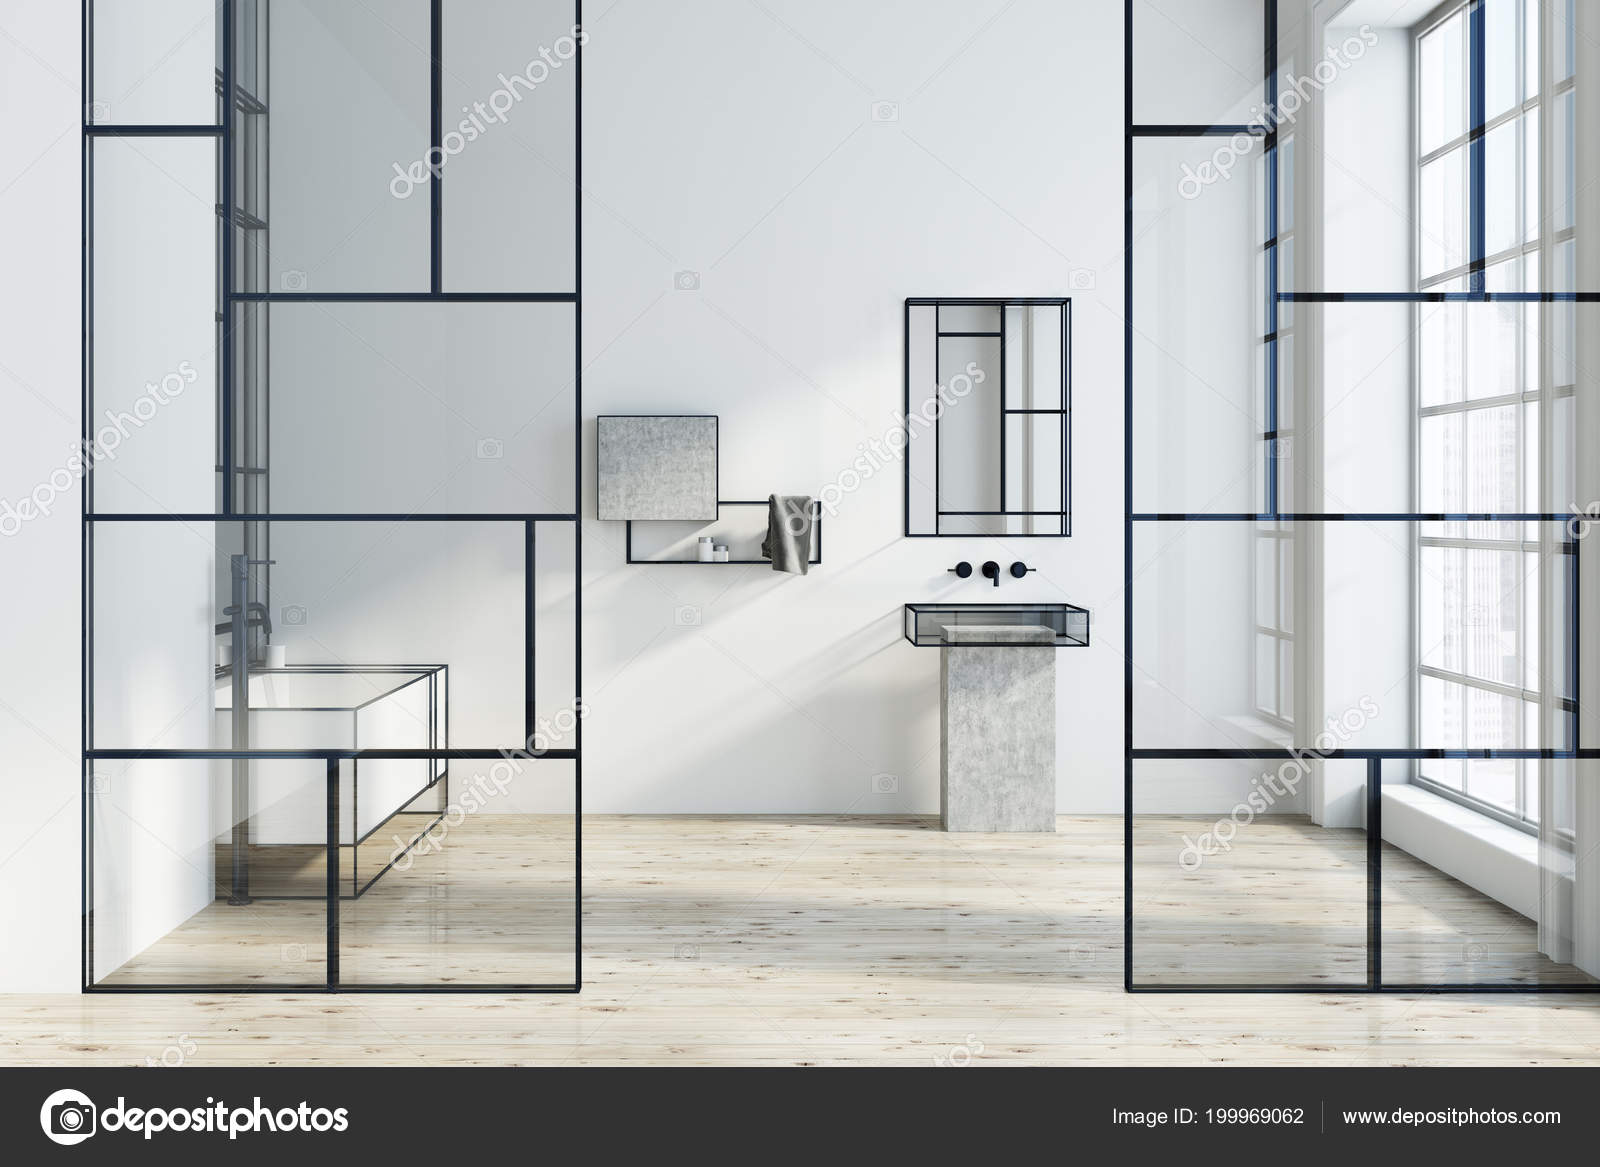 Futuristische Witte Badkamer Interieur Met Een Groot Hoekig Bad ...